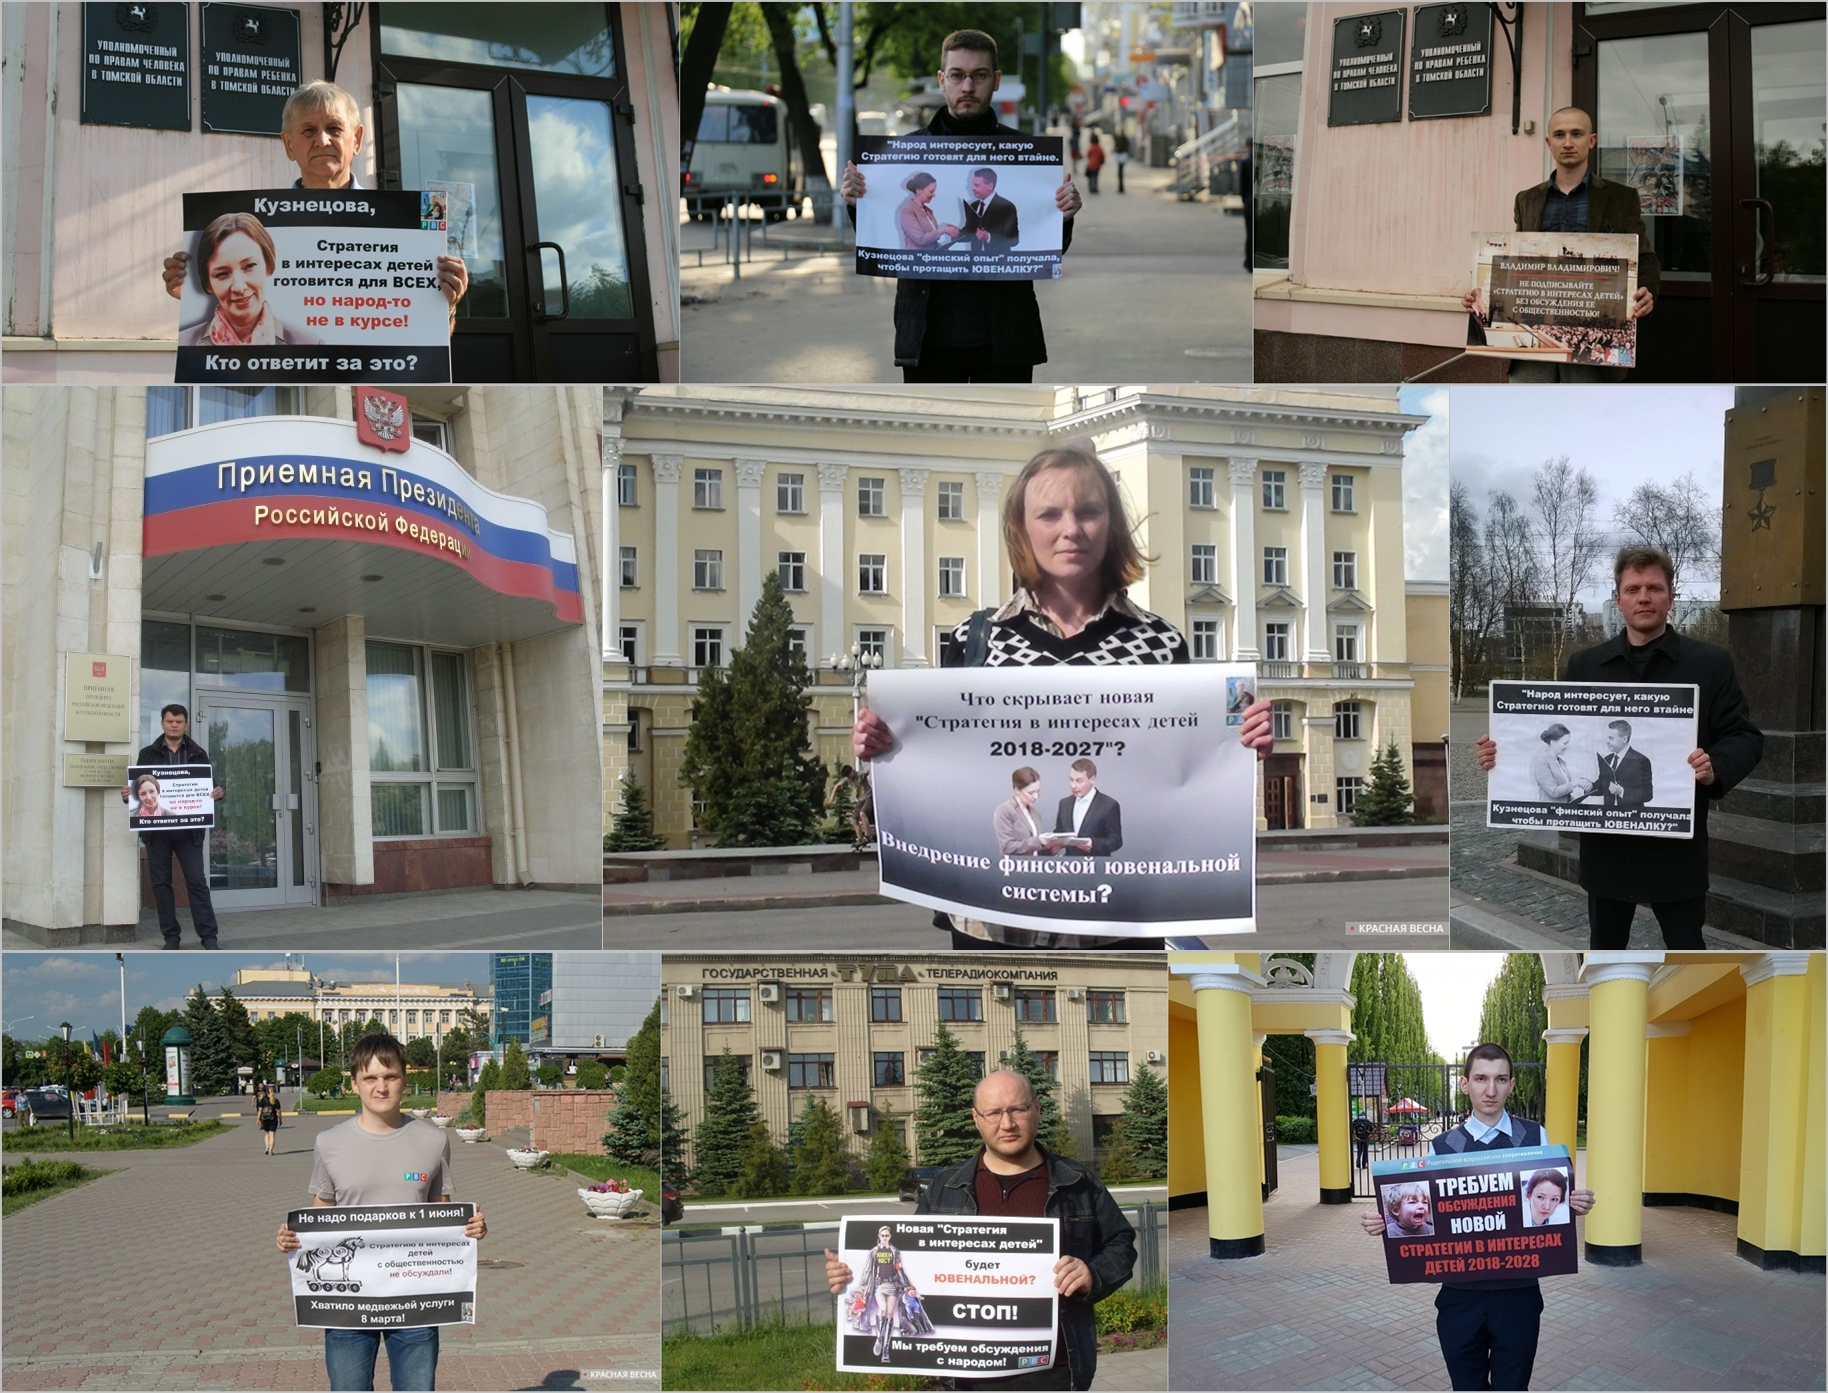 Пошла волна протестных пикетов против необсужденной Стратегии детства. pic7